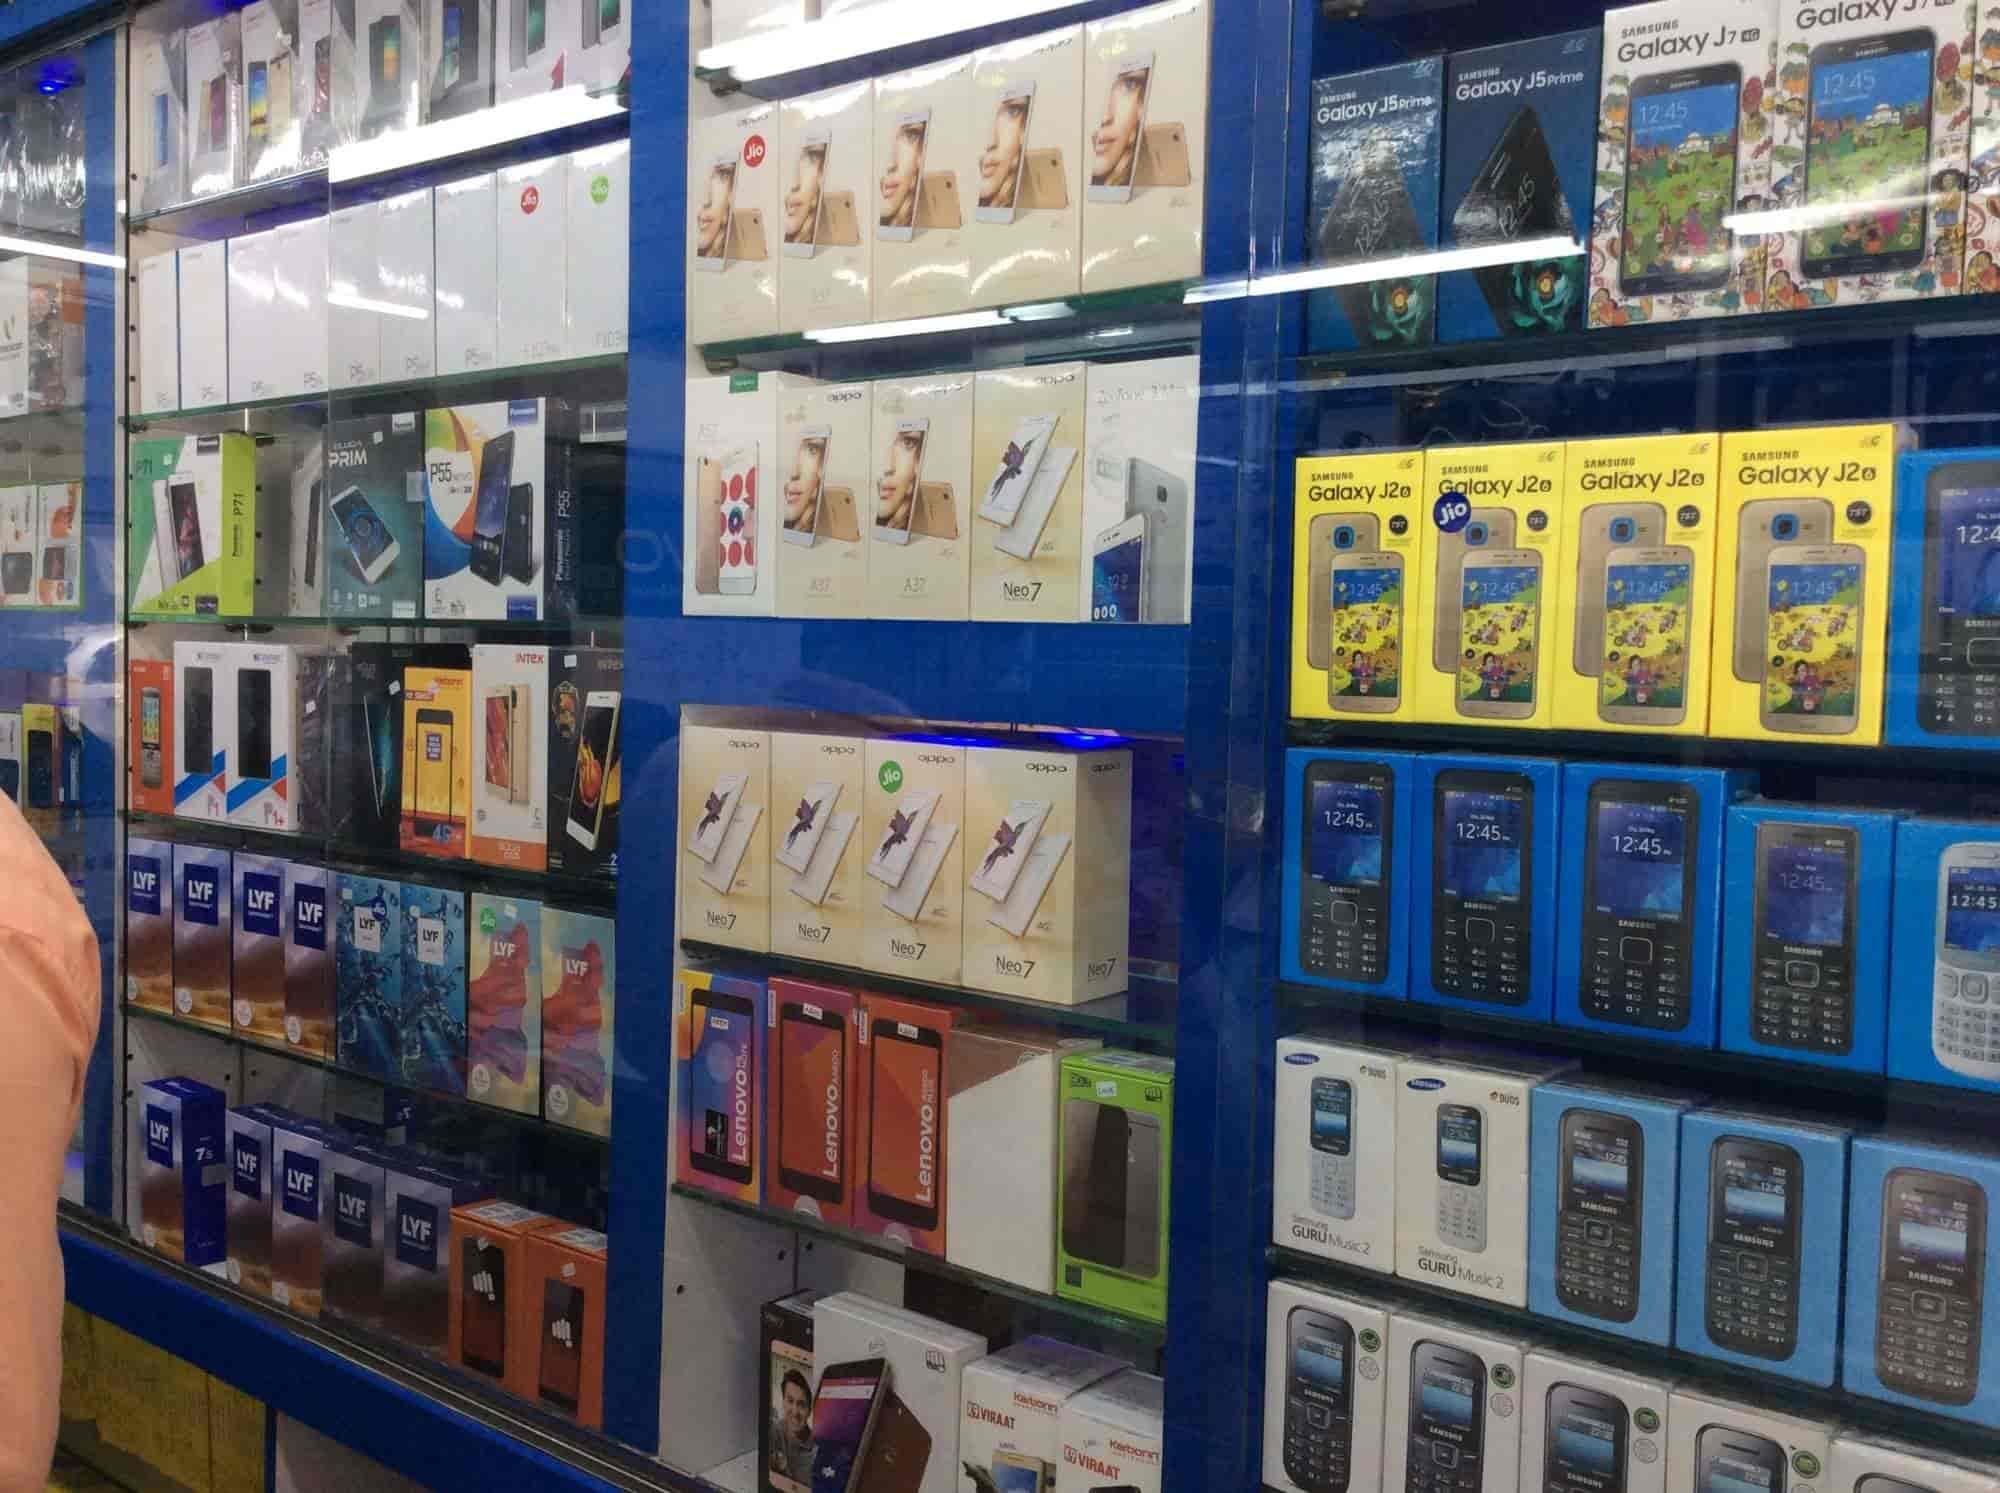 Tip Top Mobiles Colaba Mobile Phone Dealers In Mumbai Justdial Short Circuit Repair